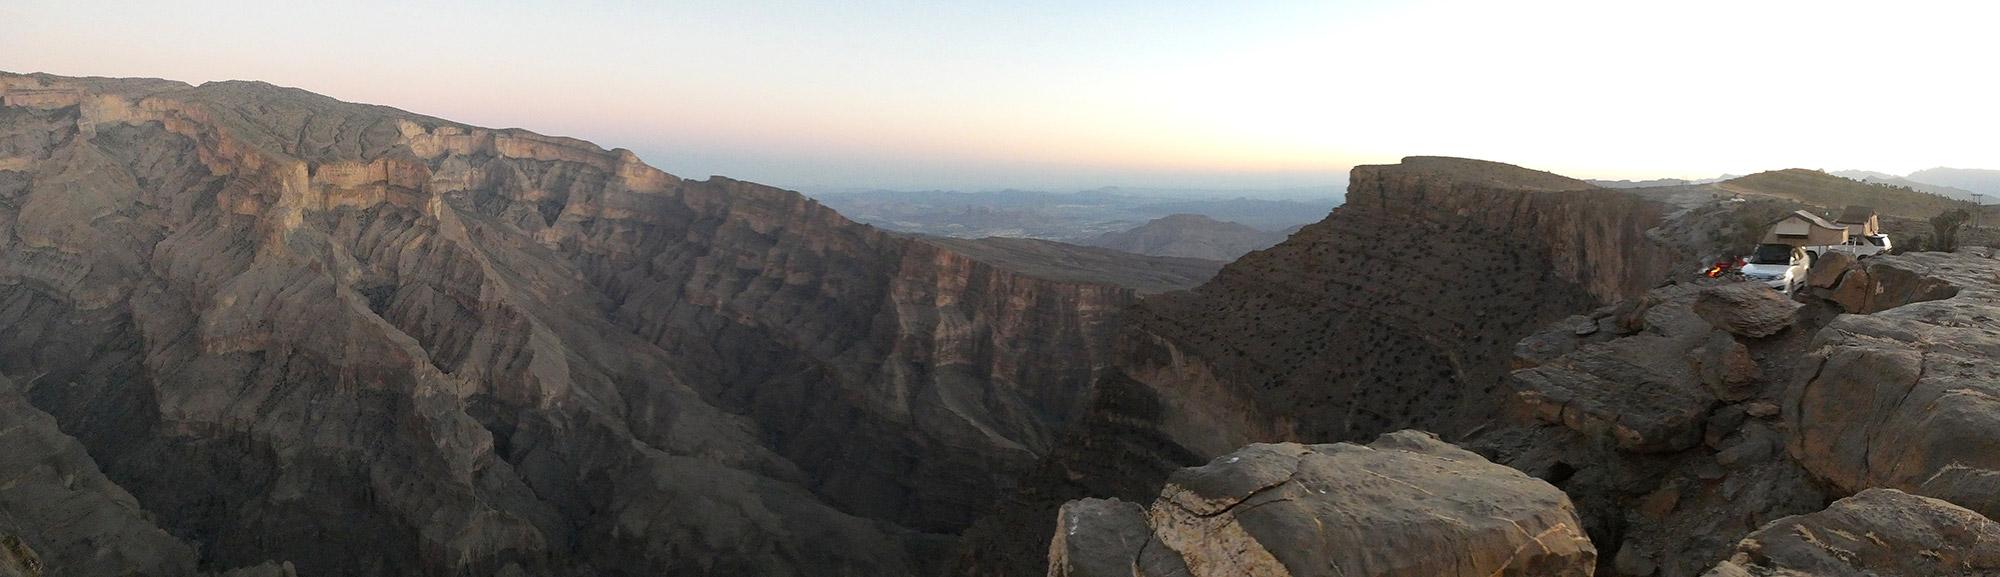 De volgers van Reizen & Reistips: Eric en Claudia - The Balcony in Oman